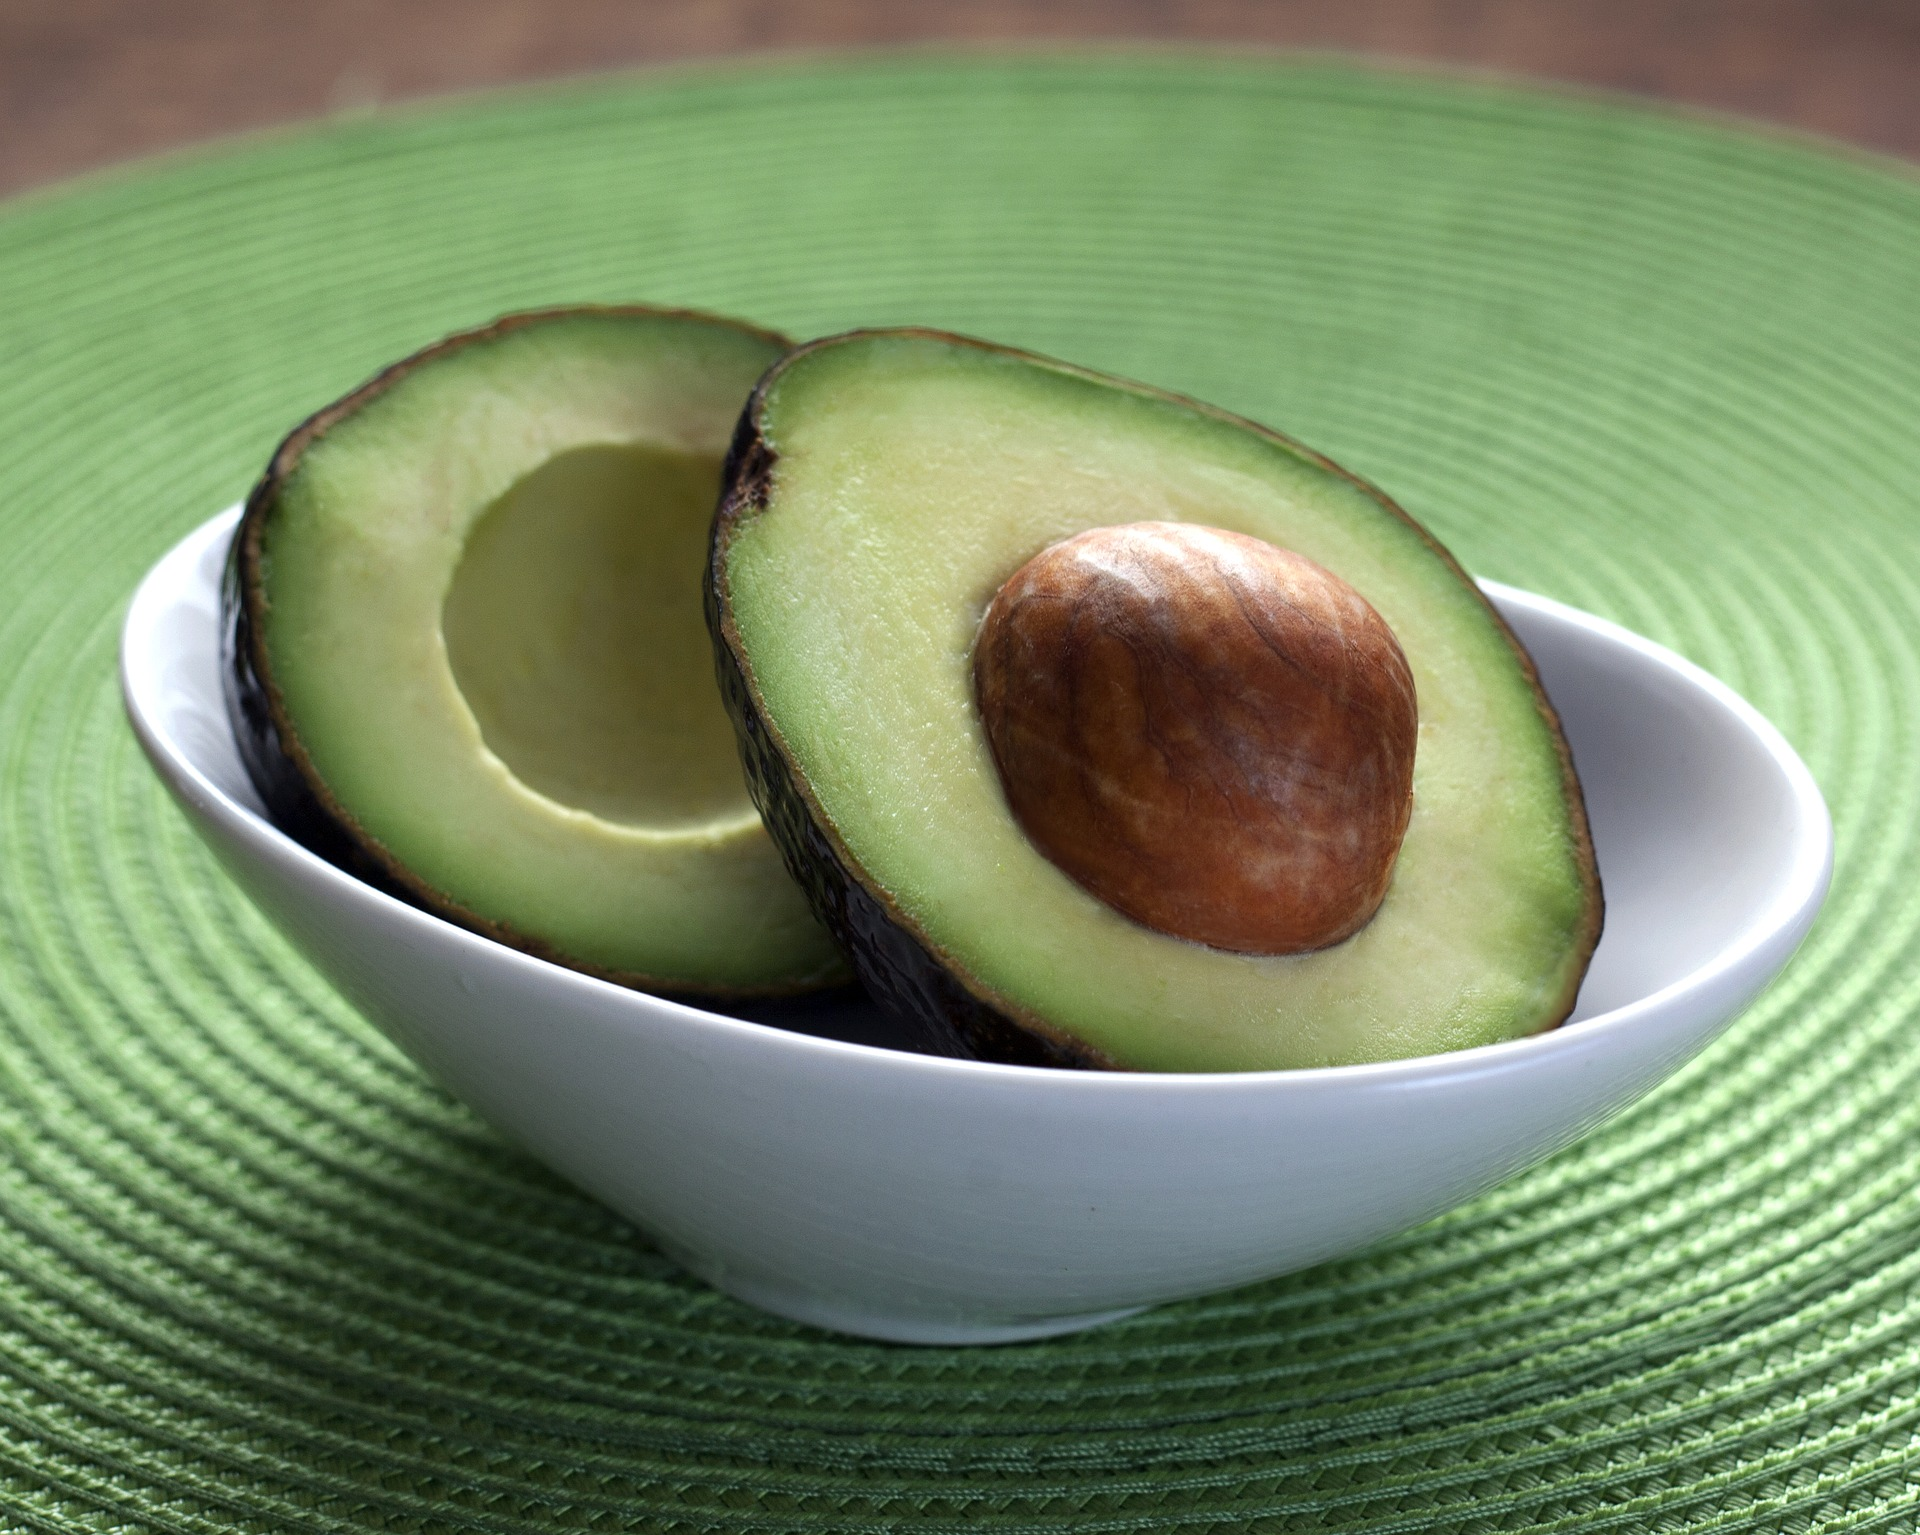 gezond eten met wraps en avocado